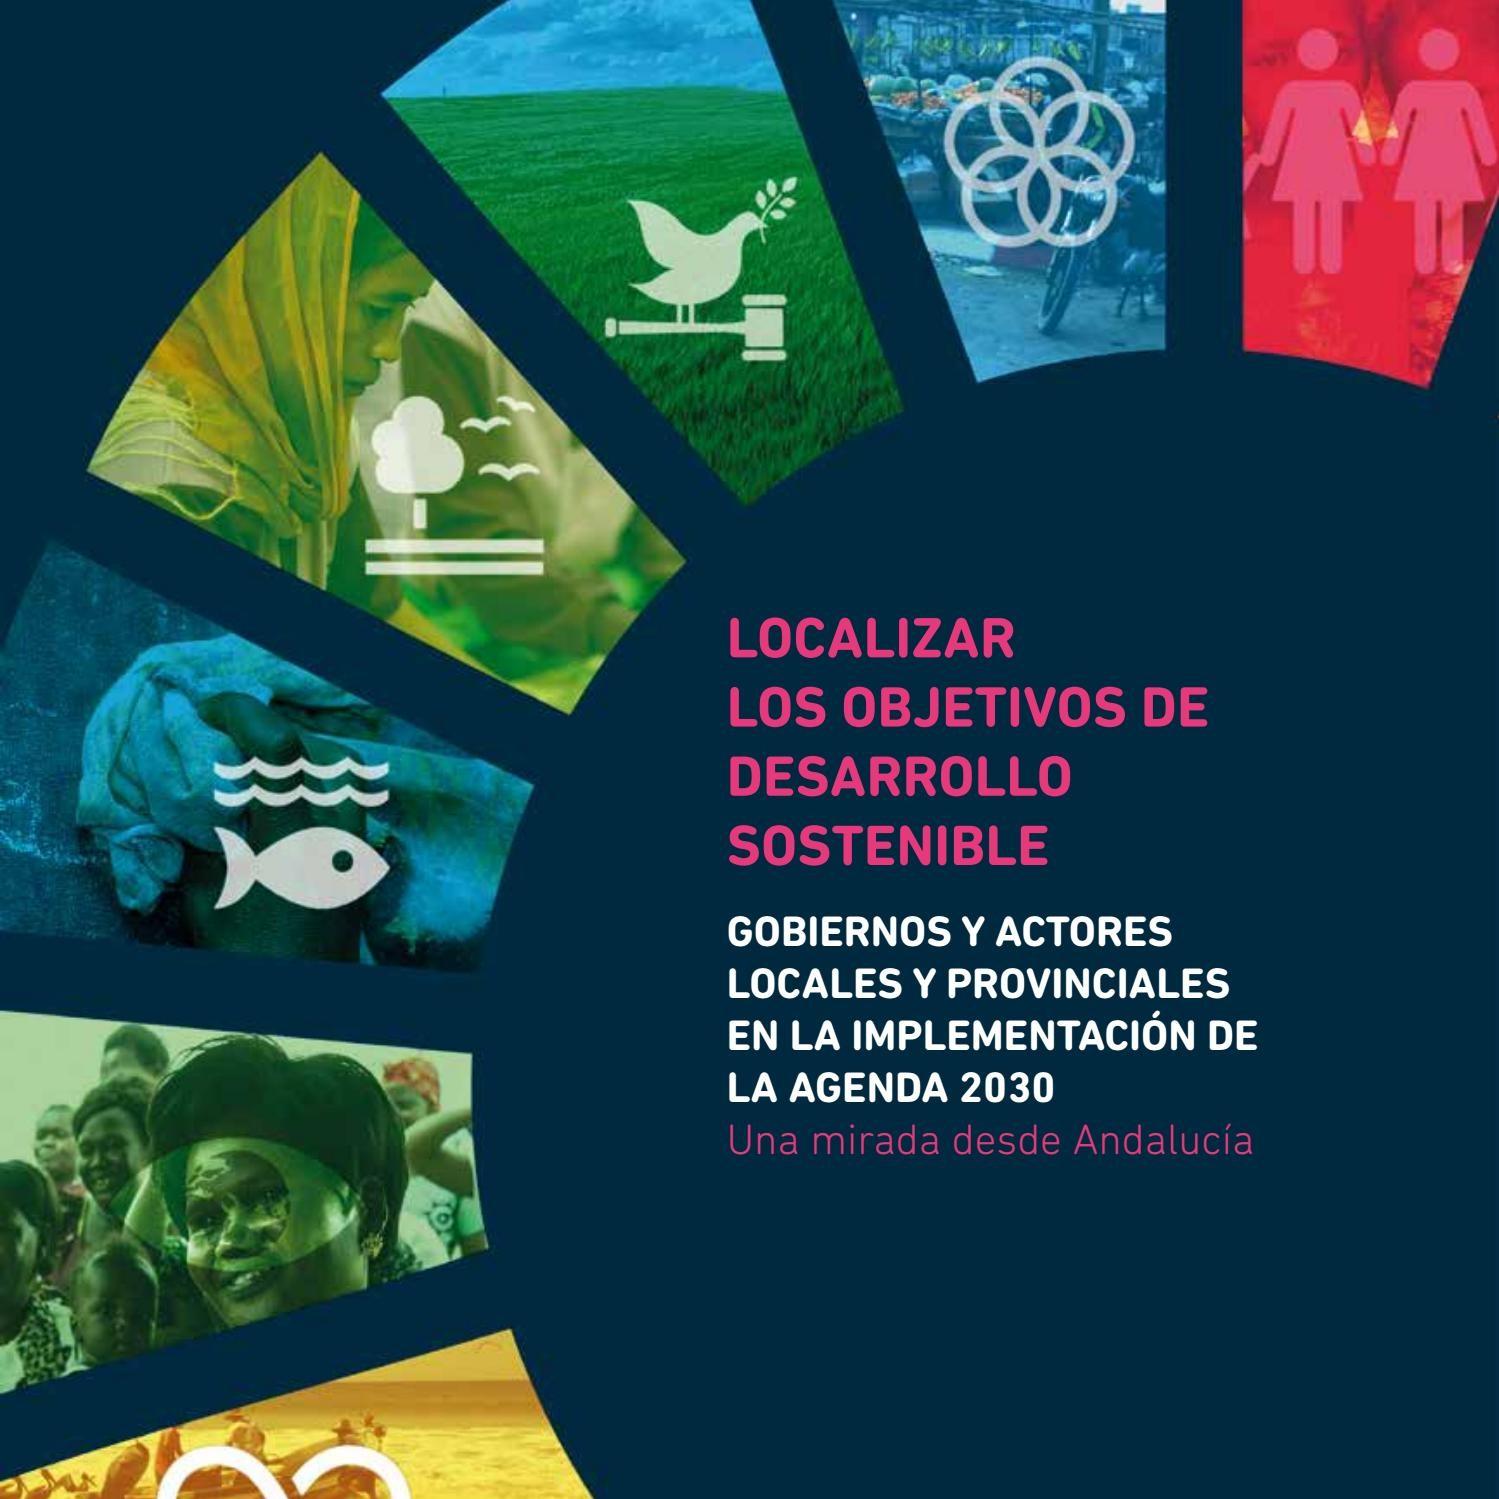 Localizar los objetivos de desarrollo sostenible Gobiernos by Alianza por la Solidaridad Andaluca issuu